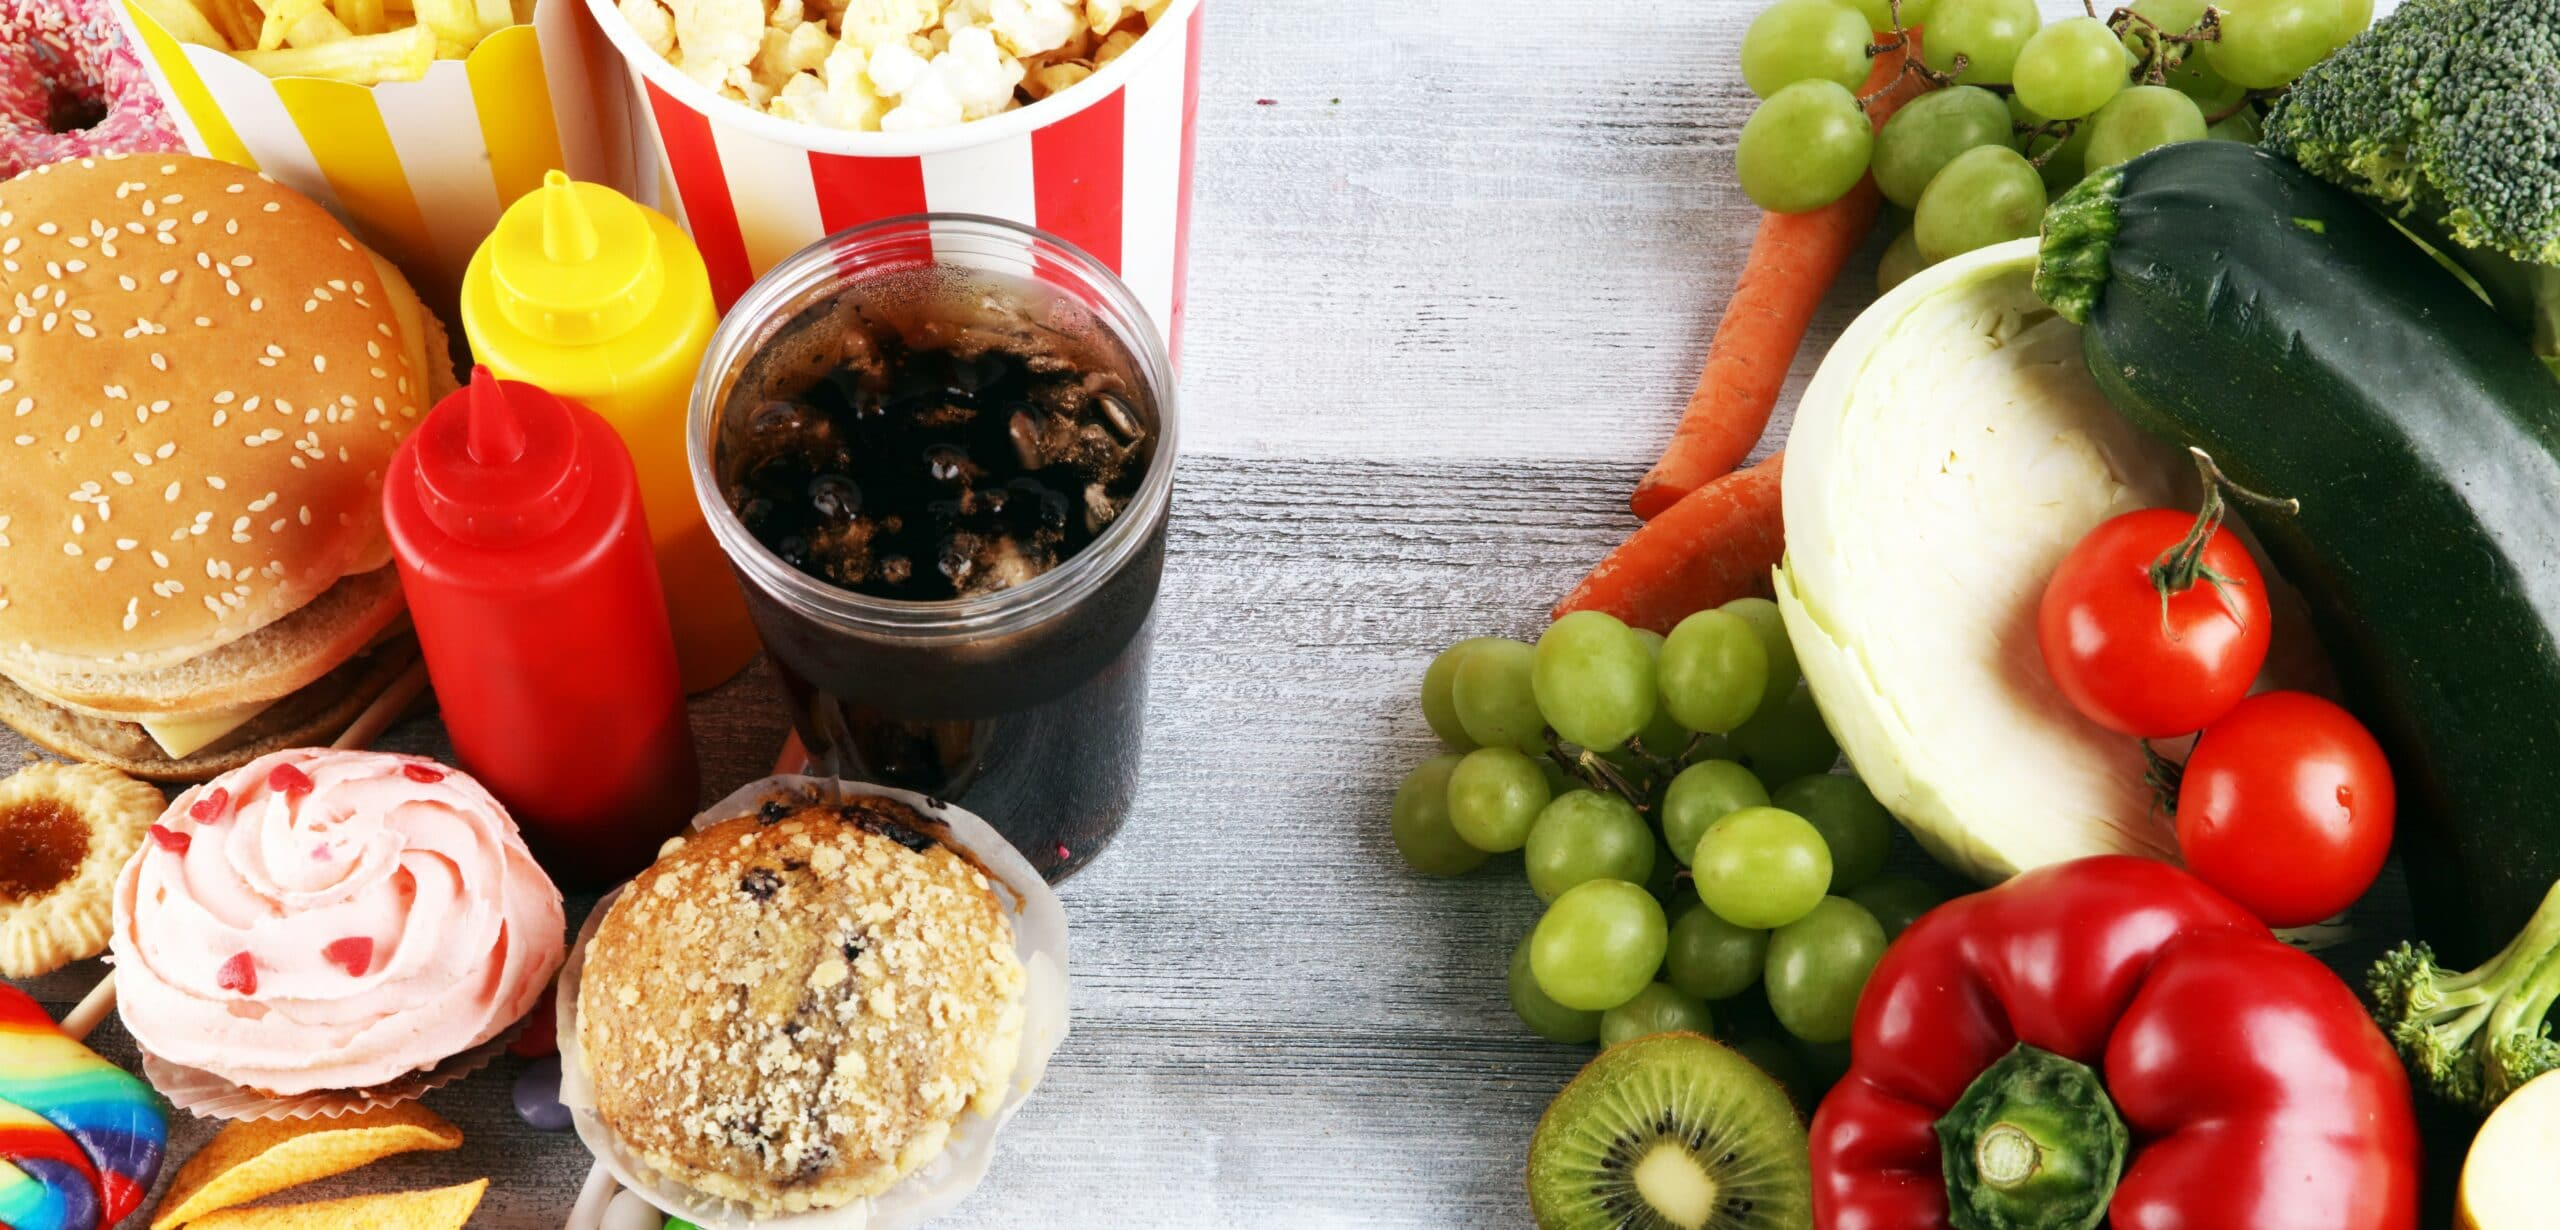 carboidrati semplici e complessi nella dieta fanno ingrassare